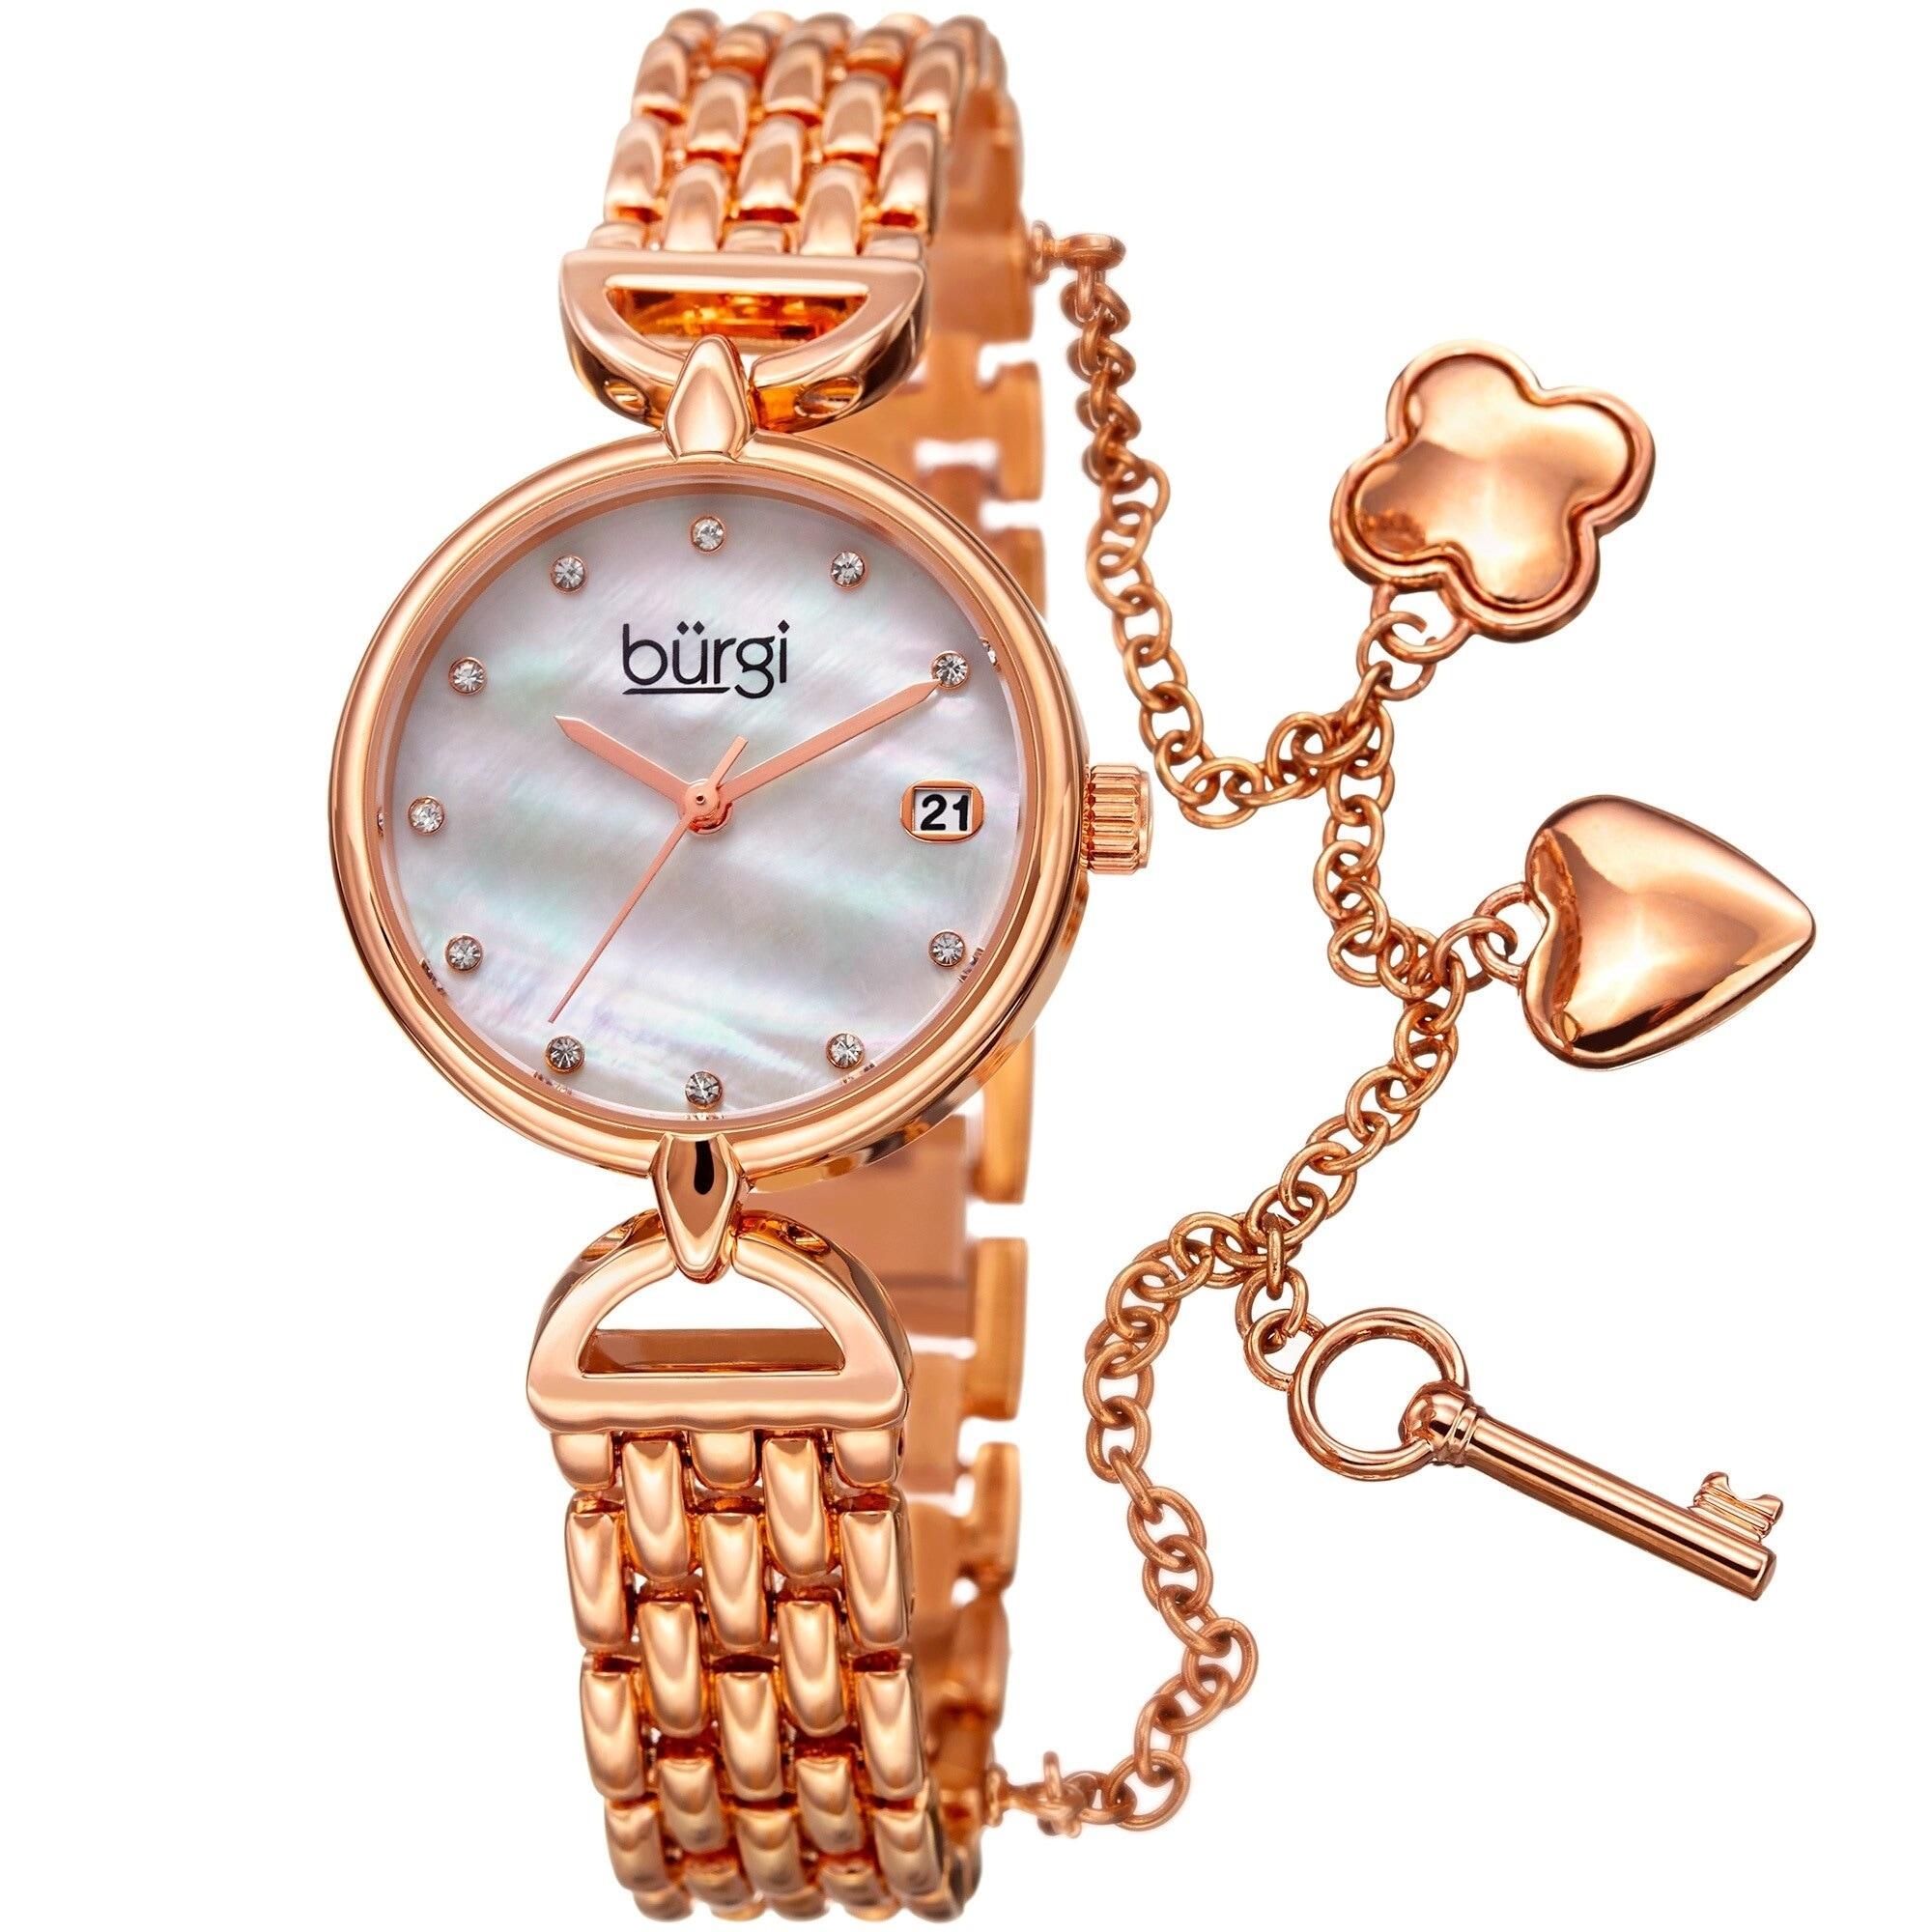 Burgi Women's Swarovski Crystal Hanging Charm Date Rose-T...